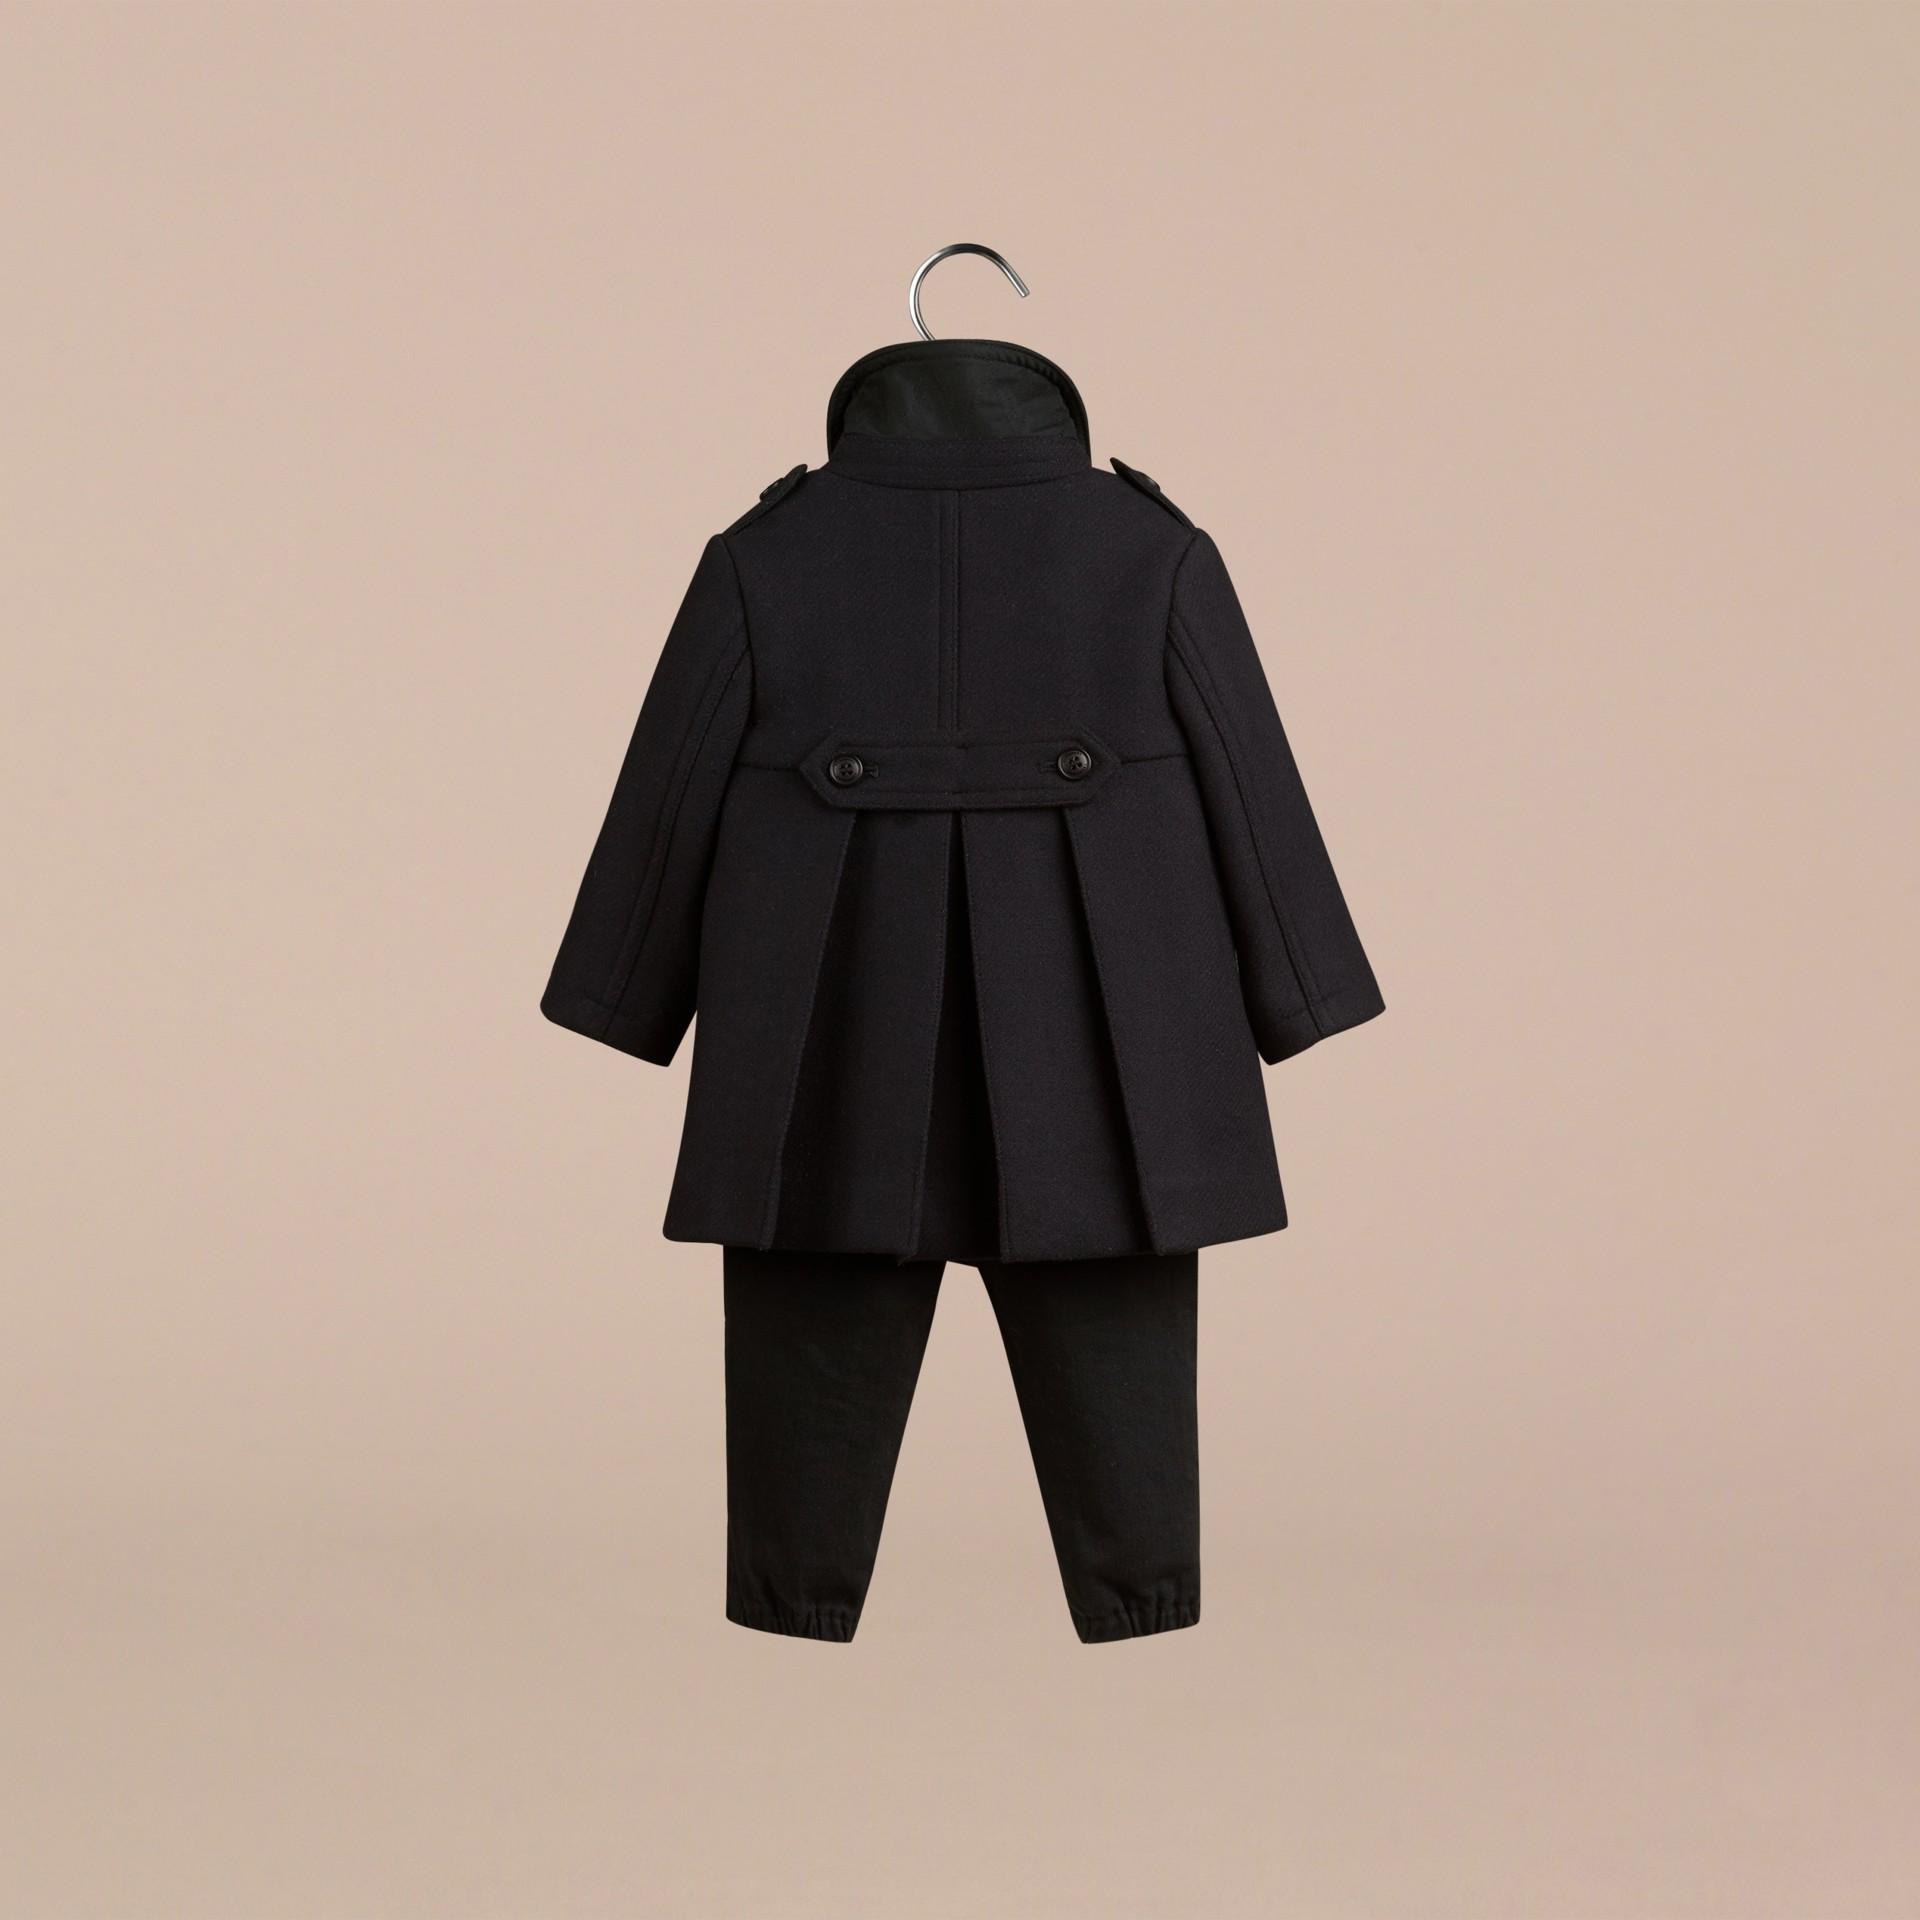 海軍藍 雙面羊毛混紡大衣 - 圖庫照片 2